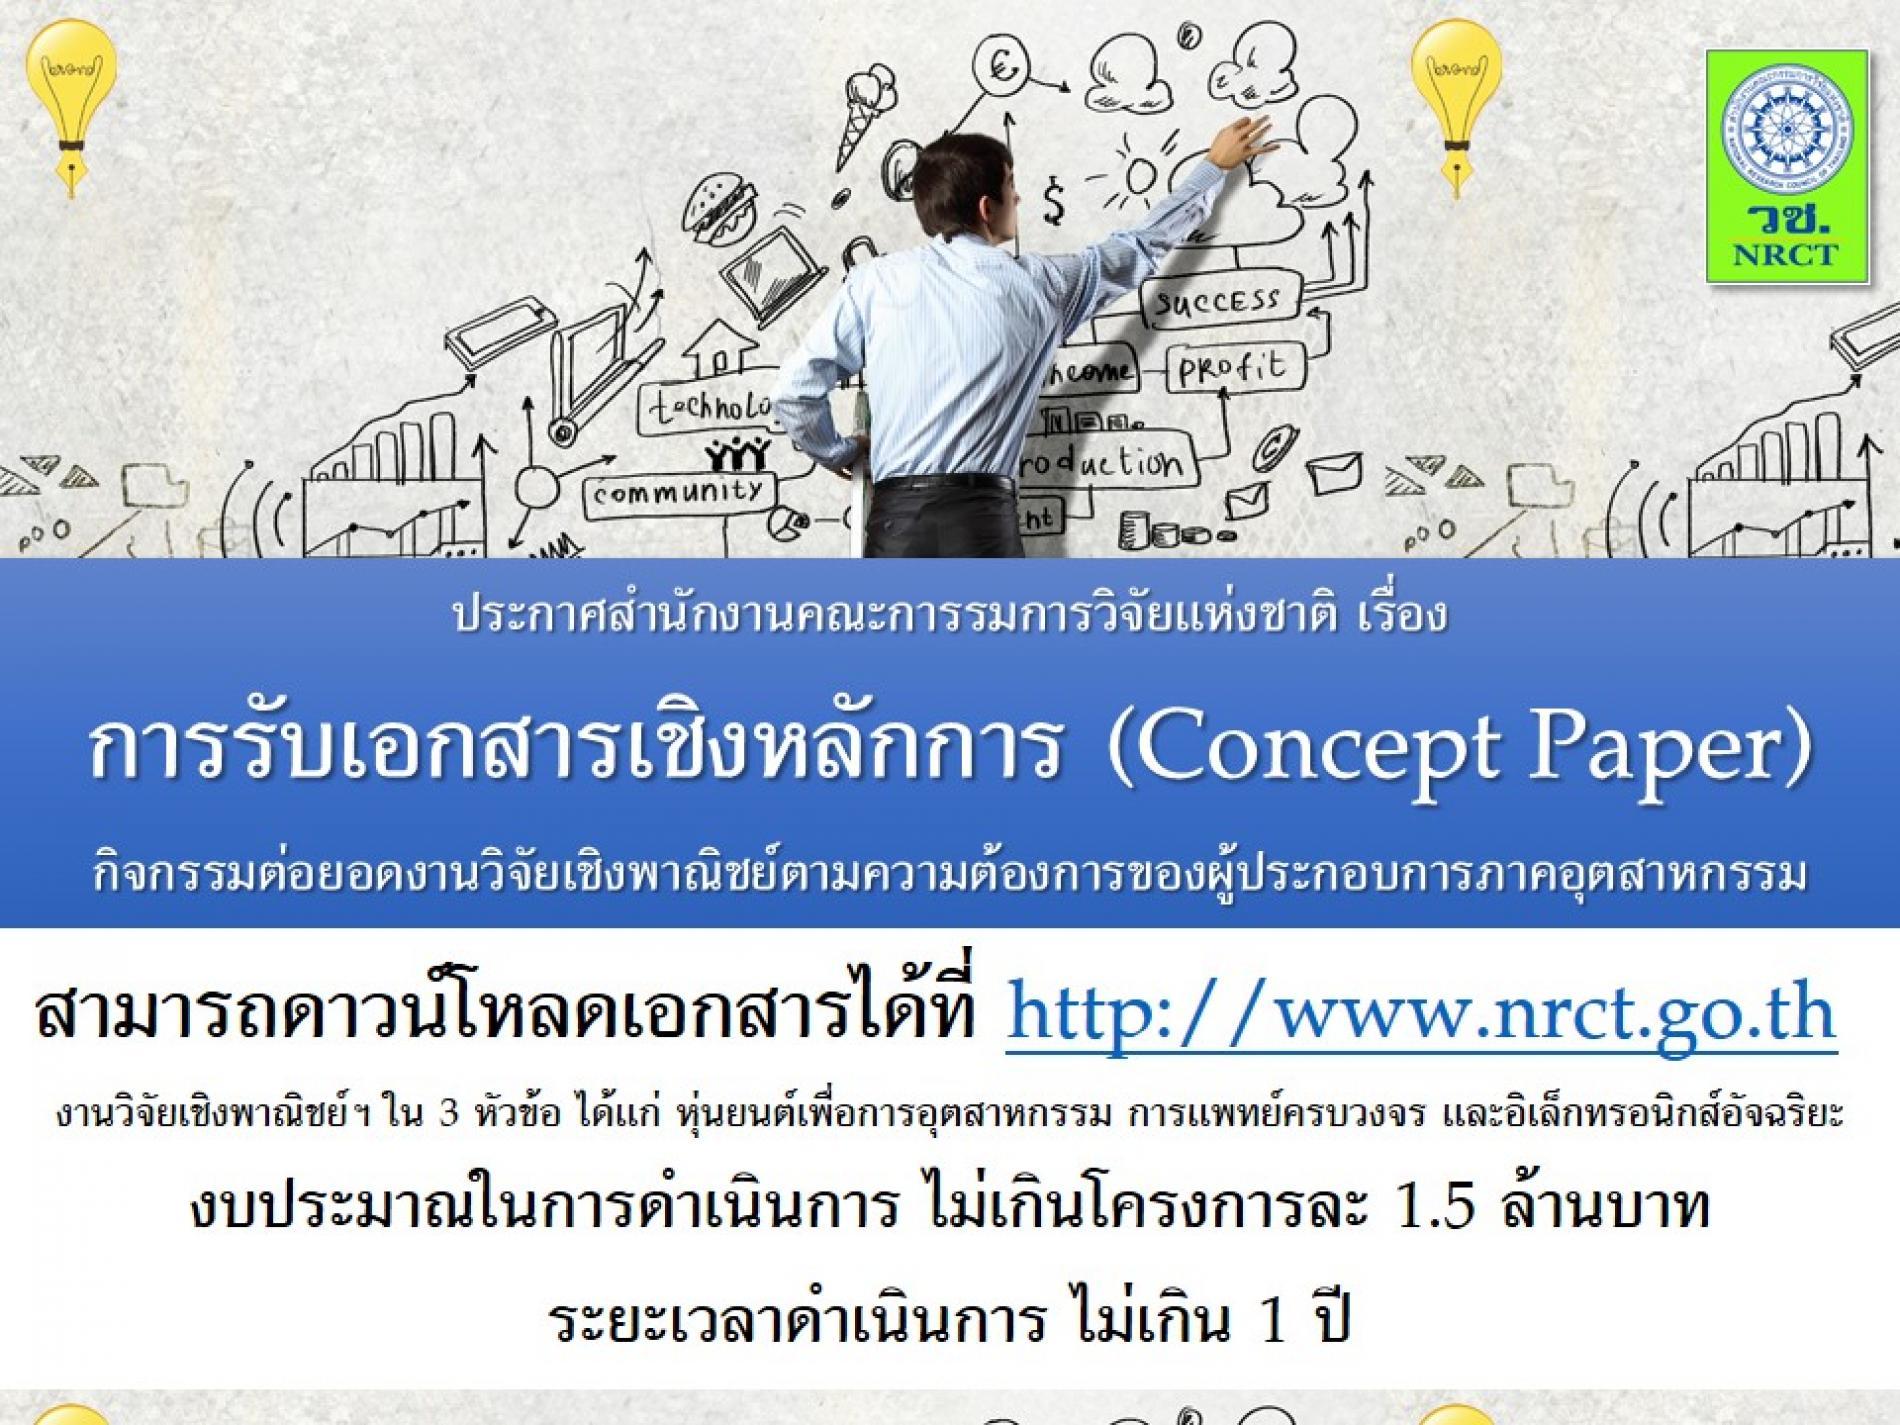 ประกาศรับเอกสาร Concept Paper กิจกรรมต่อยอดงานวิจัยเชิงพาณิชย์ตามความต้องการของผู้ประกอบการภาคอุตสาหกรรม